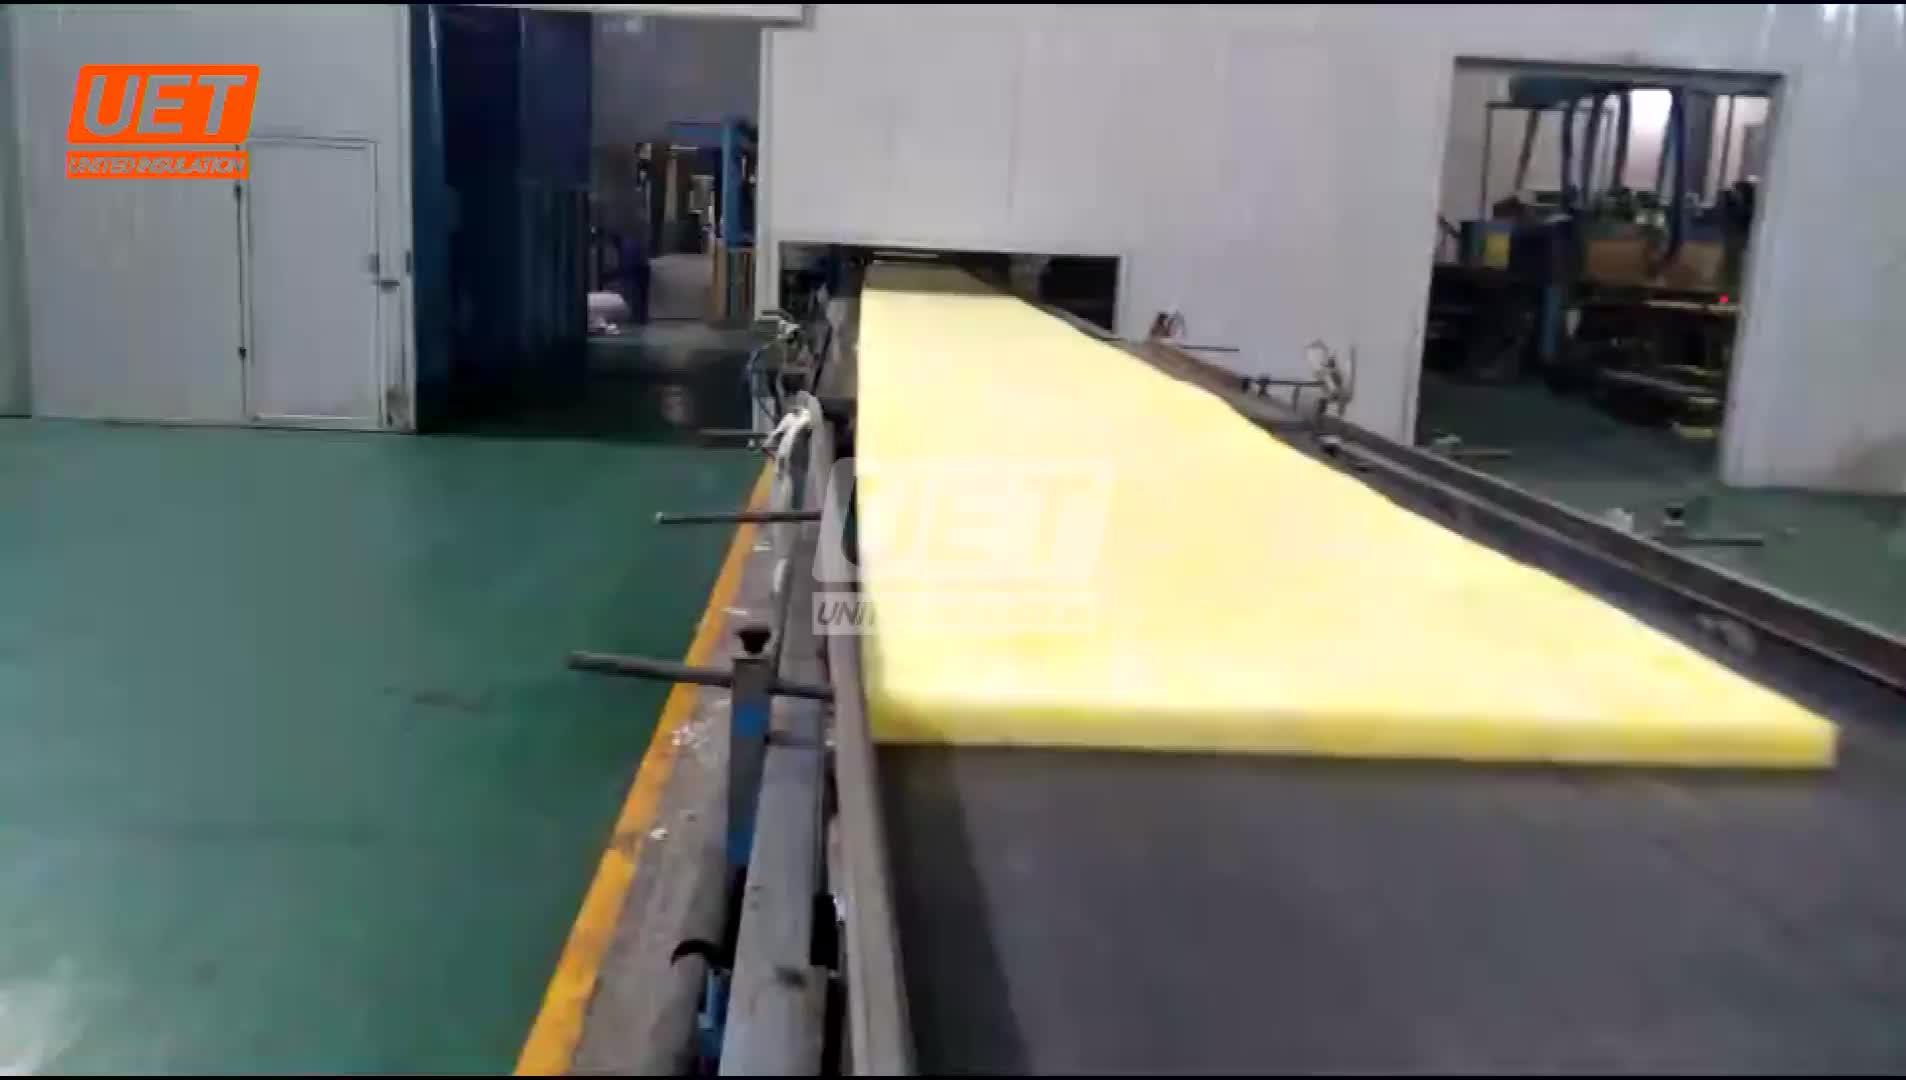 Halbstarre glas wollfilz isolierung sheddach blechdachrollen preis fiberglas shenzhou faser decke fabrik schild